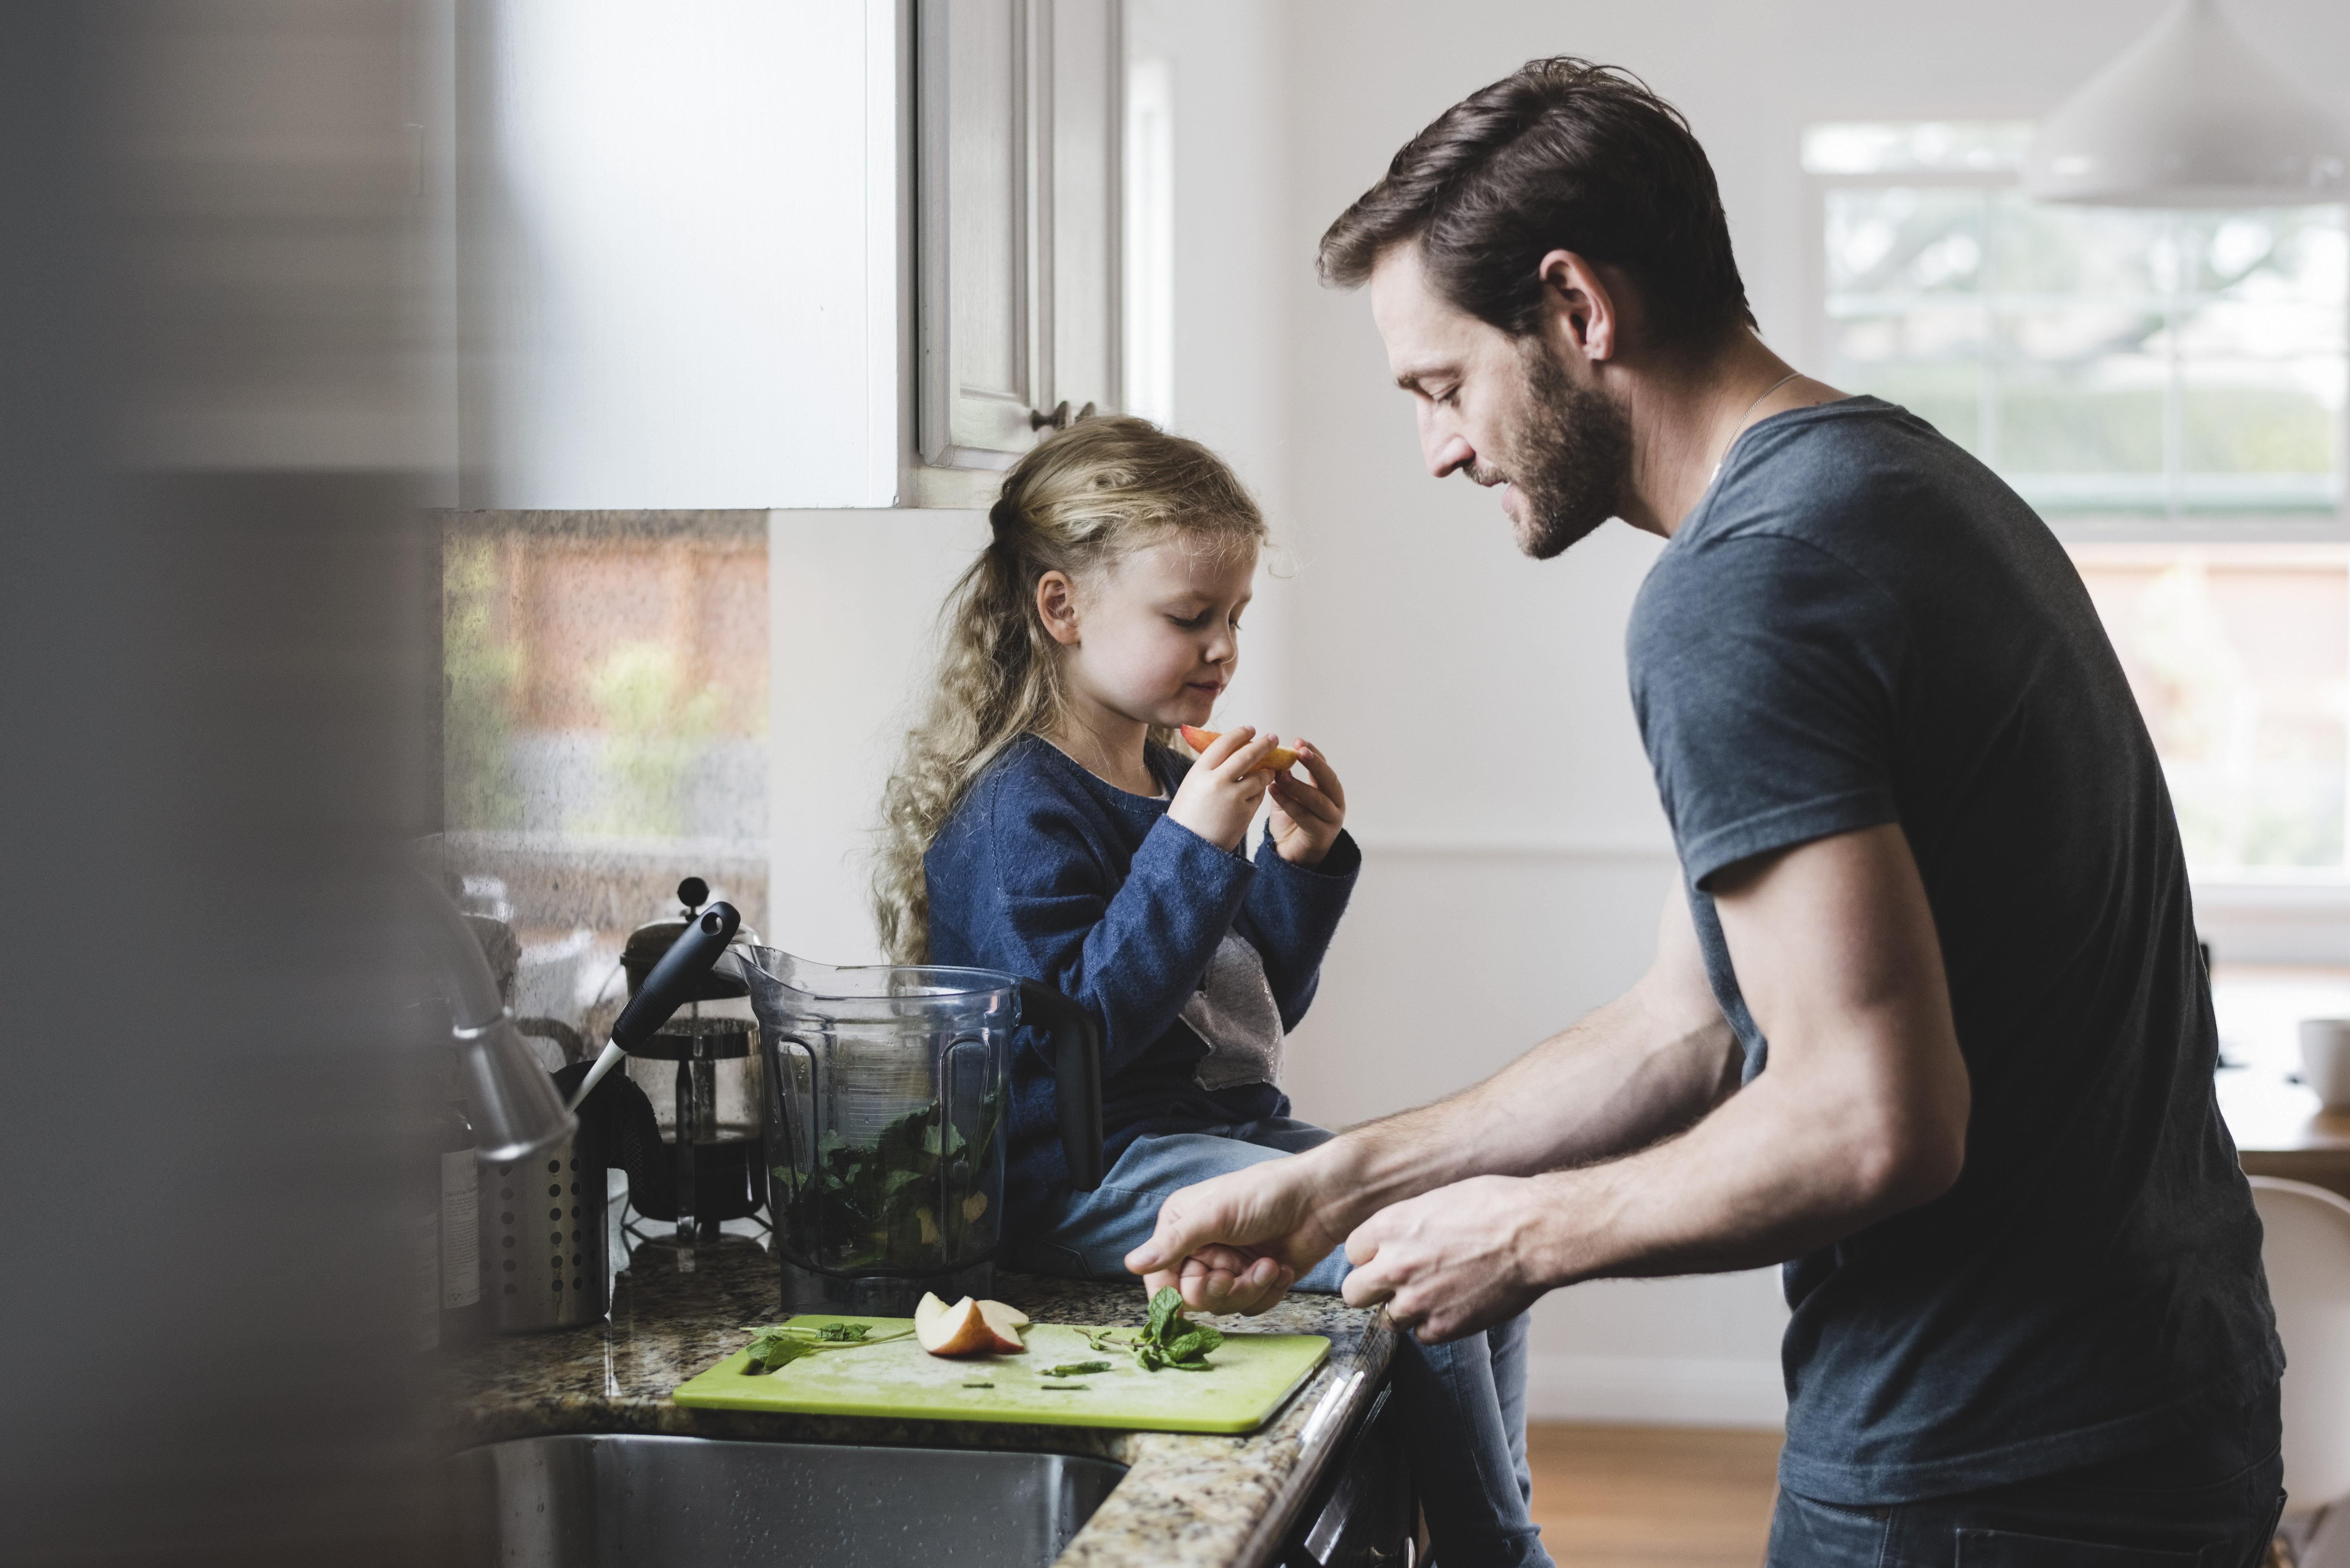 Für viele Männer ist ein Hausmann-Dasein immer noch undenkbar. Ein Fehler, findet Arne Ulbricht.